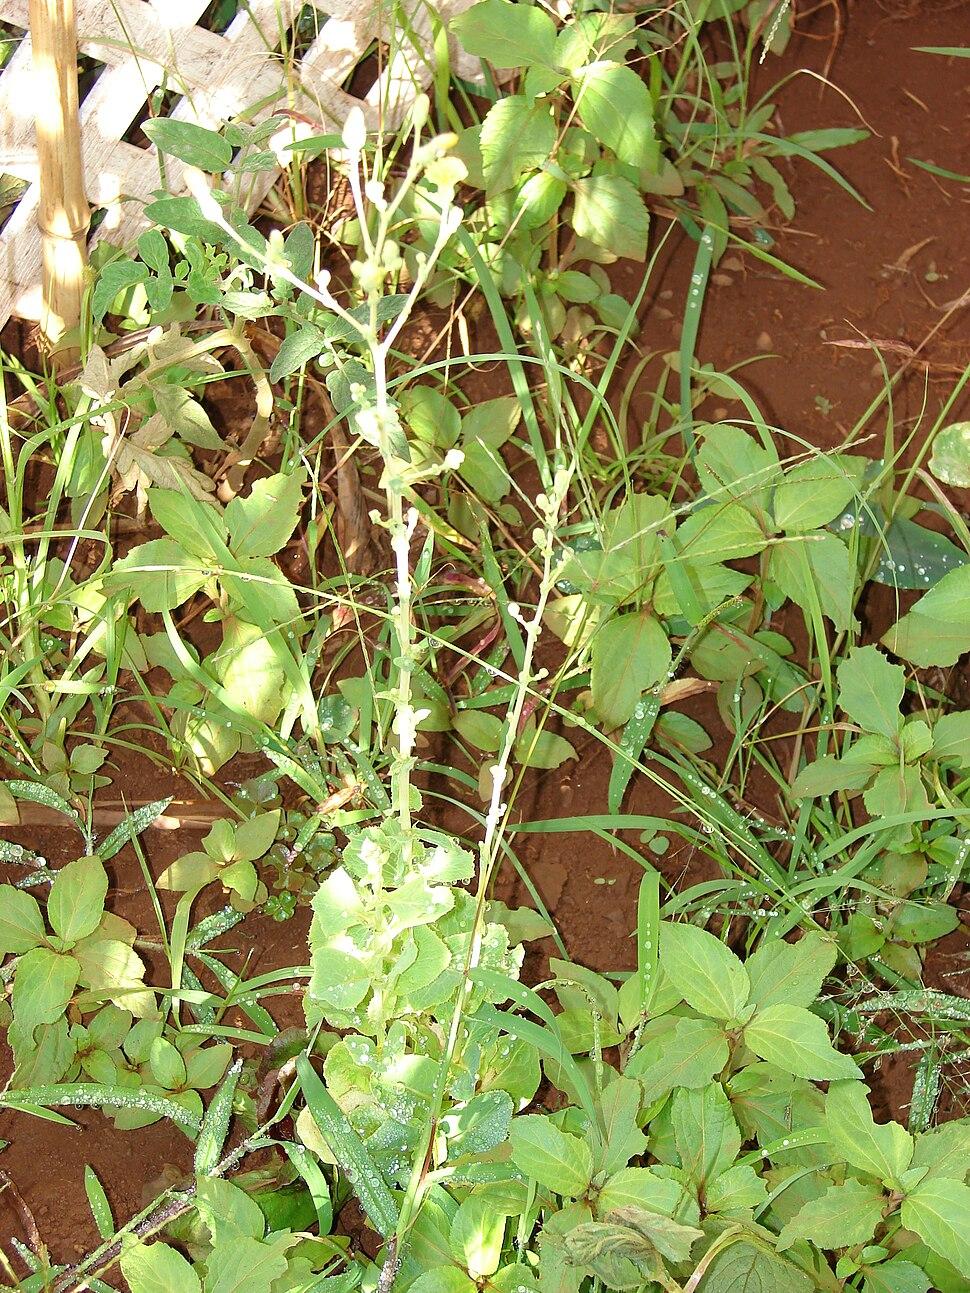 Starr 081031-0356 Lactuca sativa